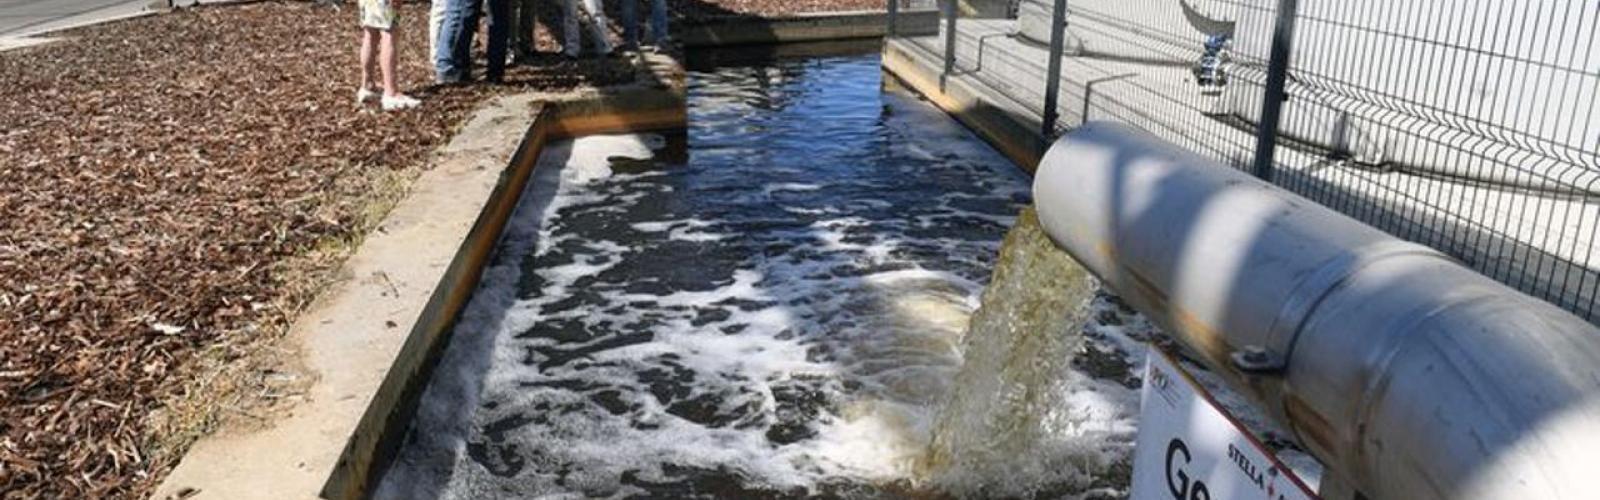 waterzuiveringsstation AB Inbev